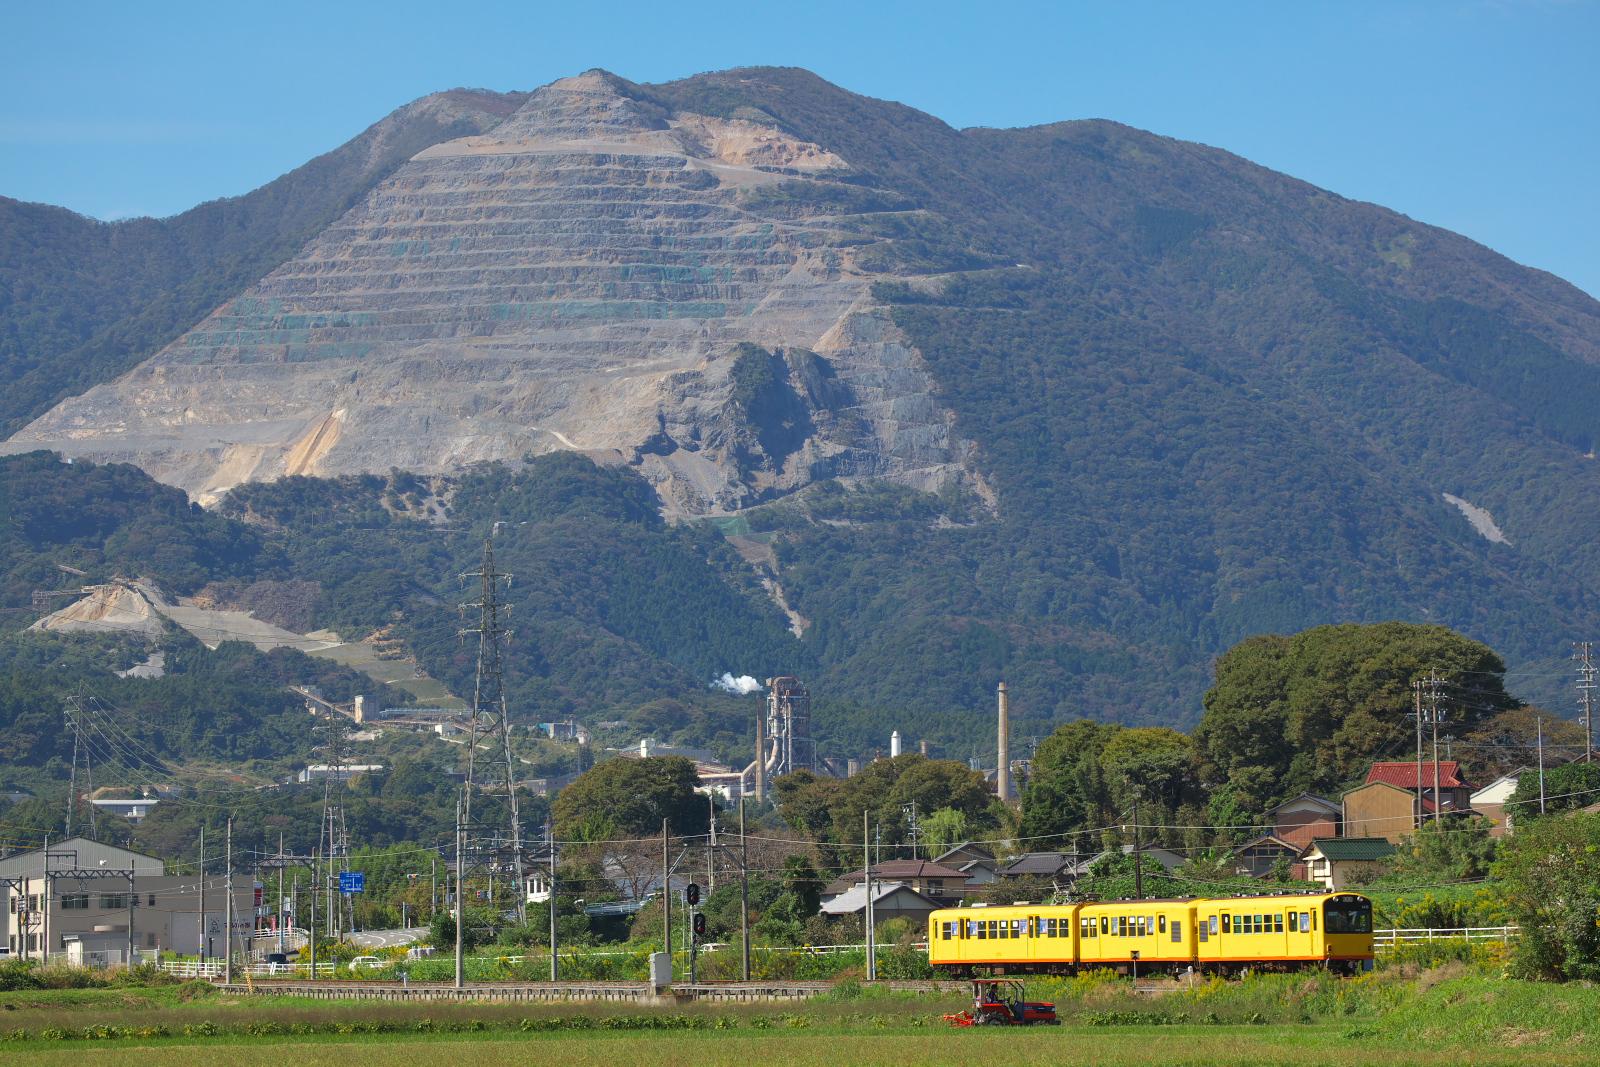 かつては近鉄北勢線だった ナローゲージの西桑名~阿下喜。 三岐鉄道になってからは初めての撮影でした。 背後の藤原だけは、三岐本線でも撮影出来ます。